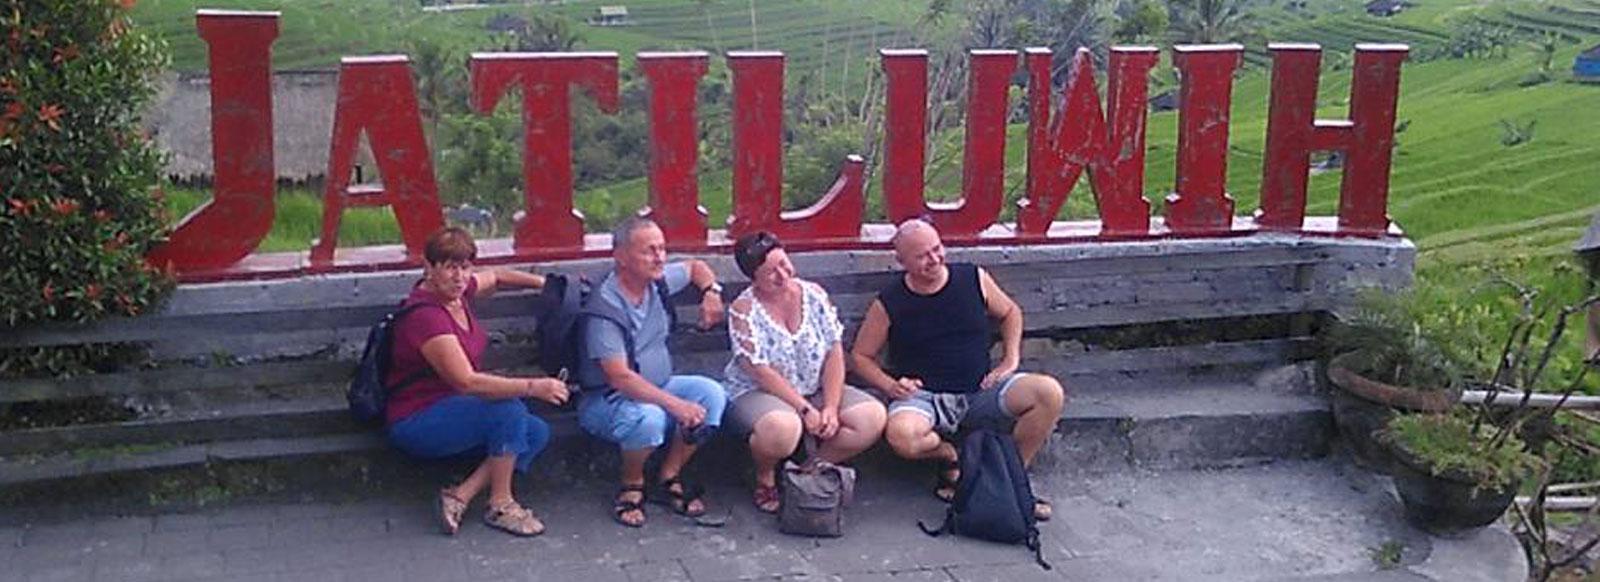 jatiluwih rice terrace UNESCO word heritage